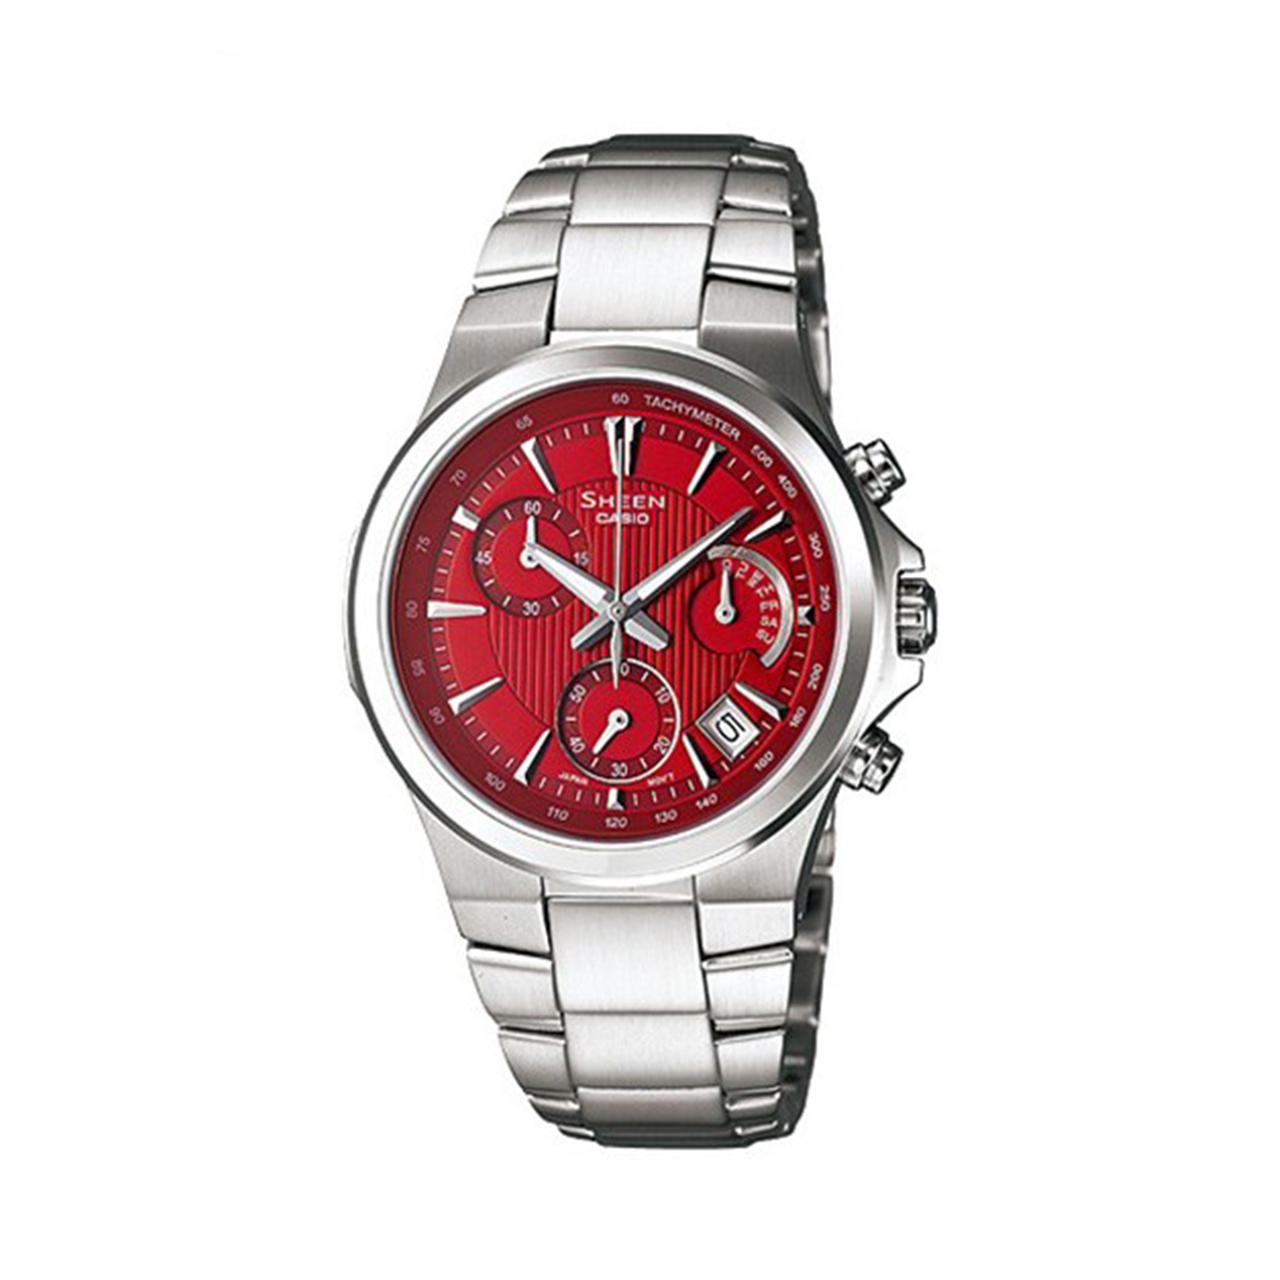 ساعت مچی عقربه ای زنانه کاسیو شین SHE-5019D-4ADR              خرید (⭐️⭐️⭐️)